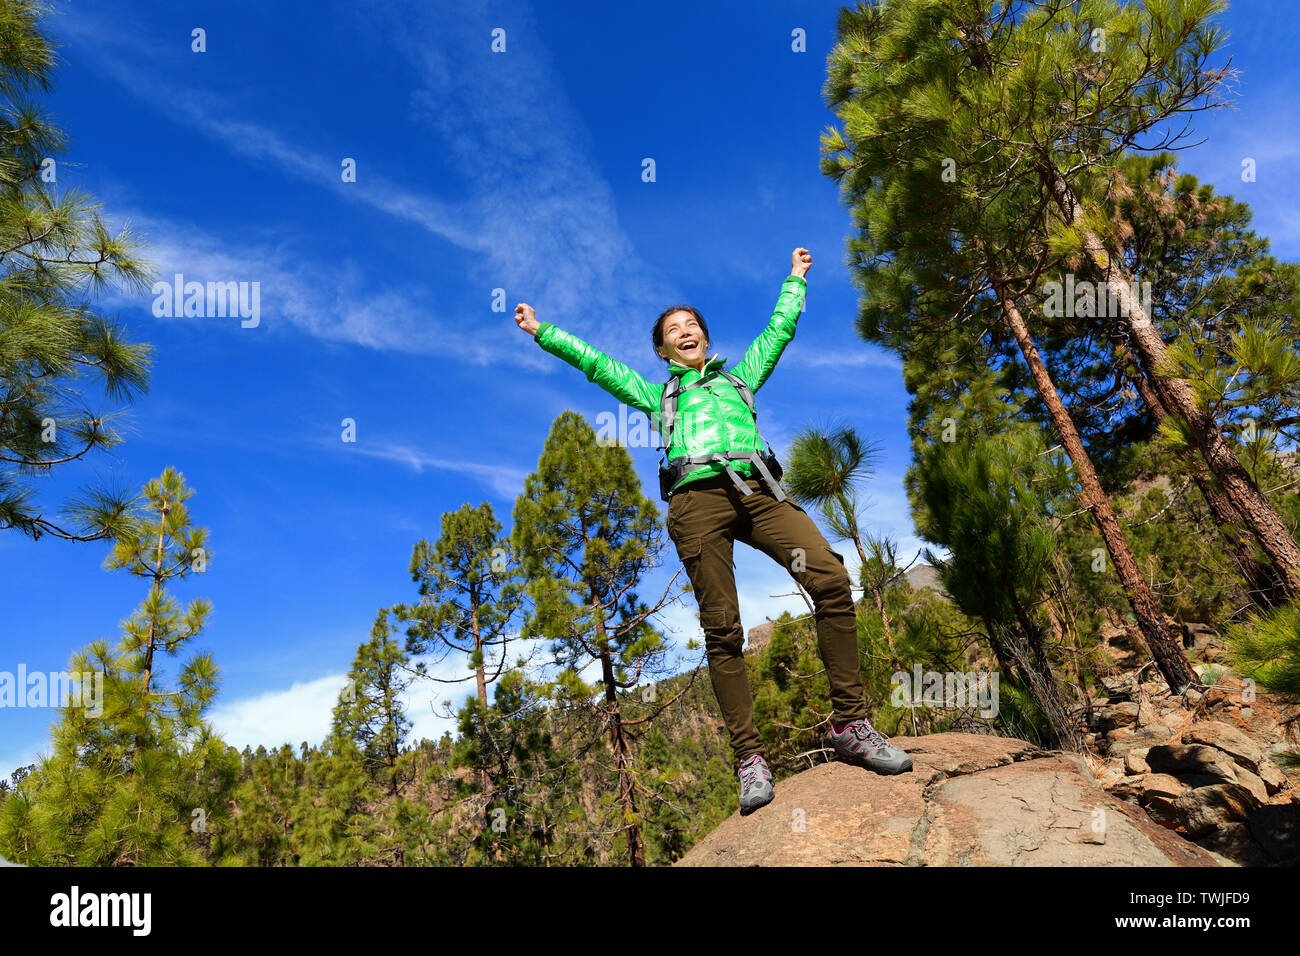 Senderismo mujer alcanzando cumbre aclamando superior celebrando en la cima de la montaña con brazos extendidos hacia el cielo. Feliz excursionista hembra. Foto de stock